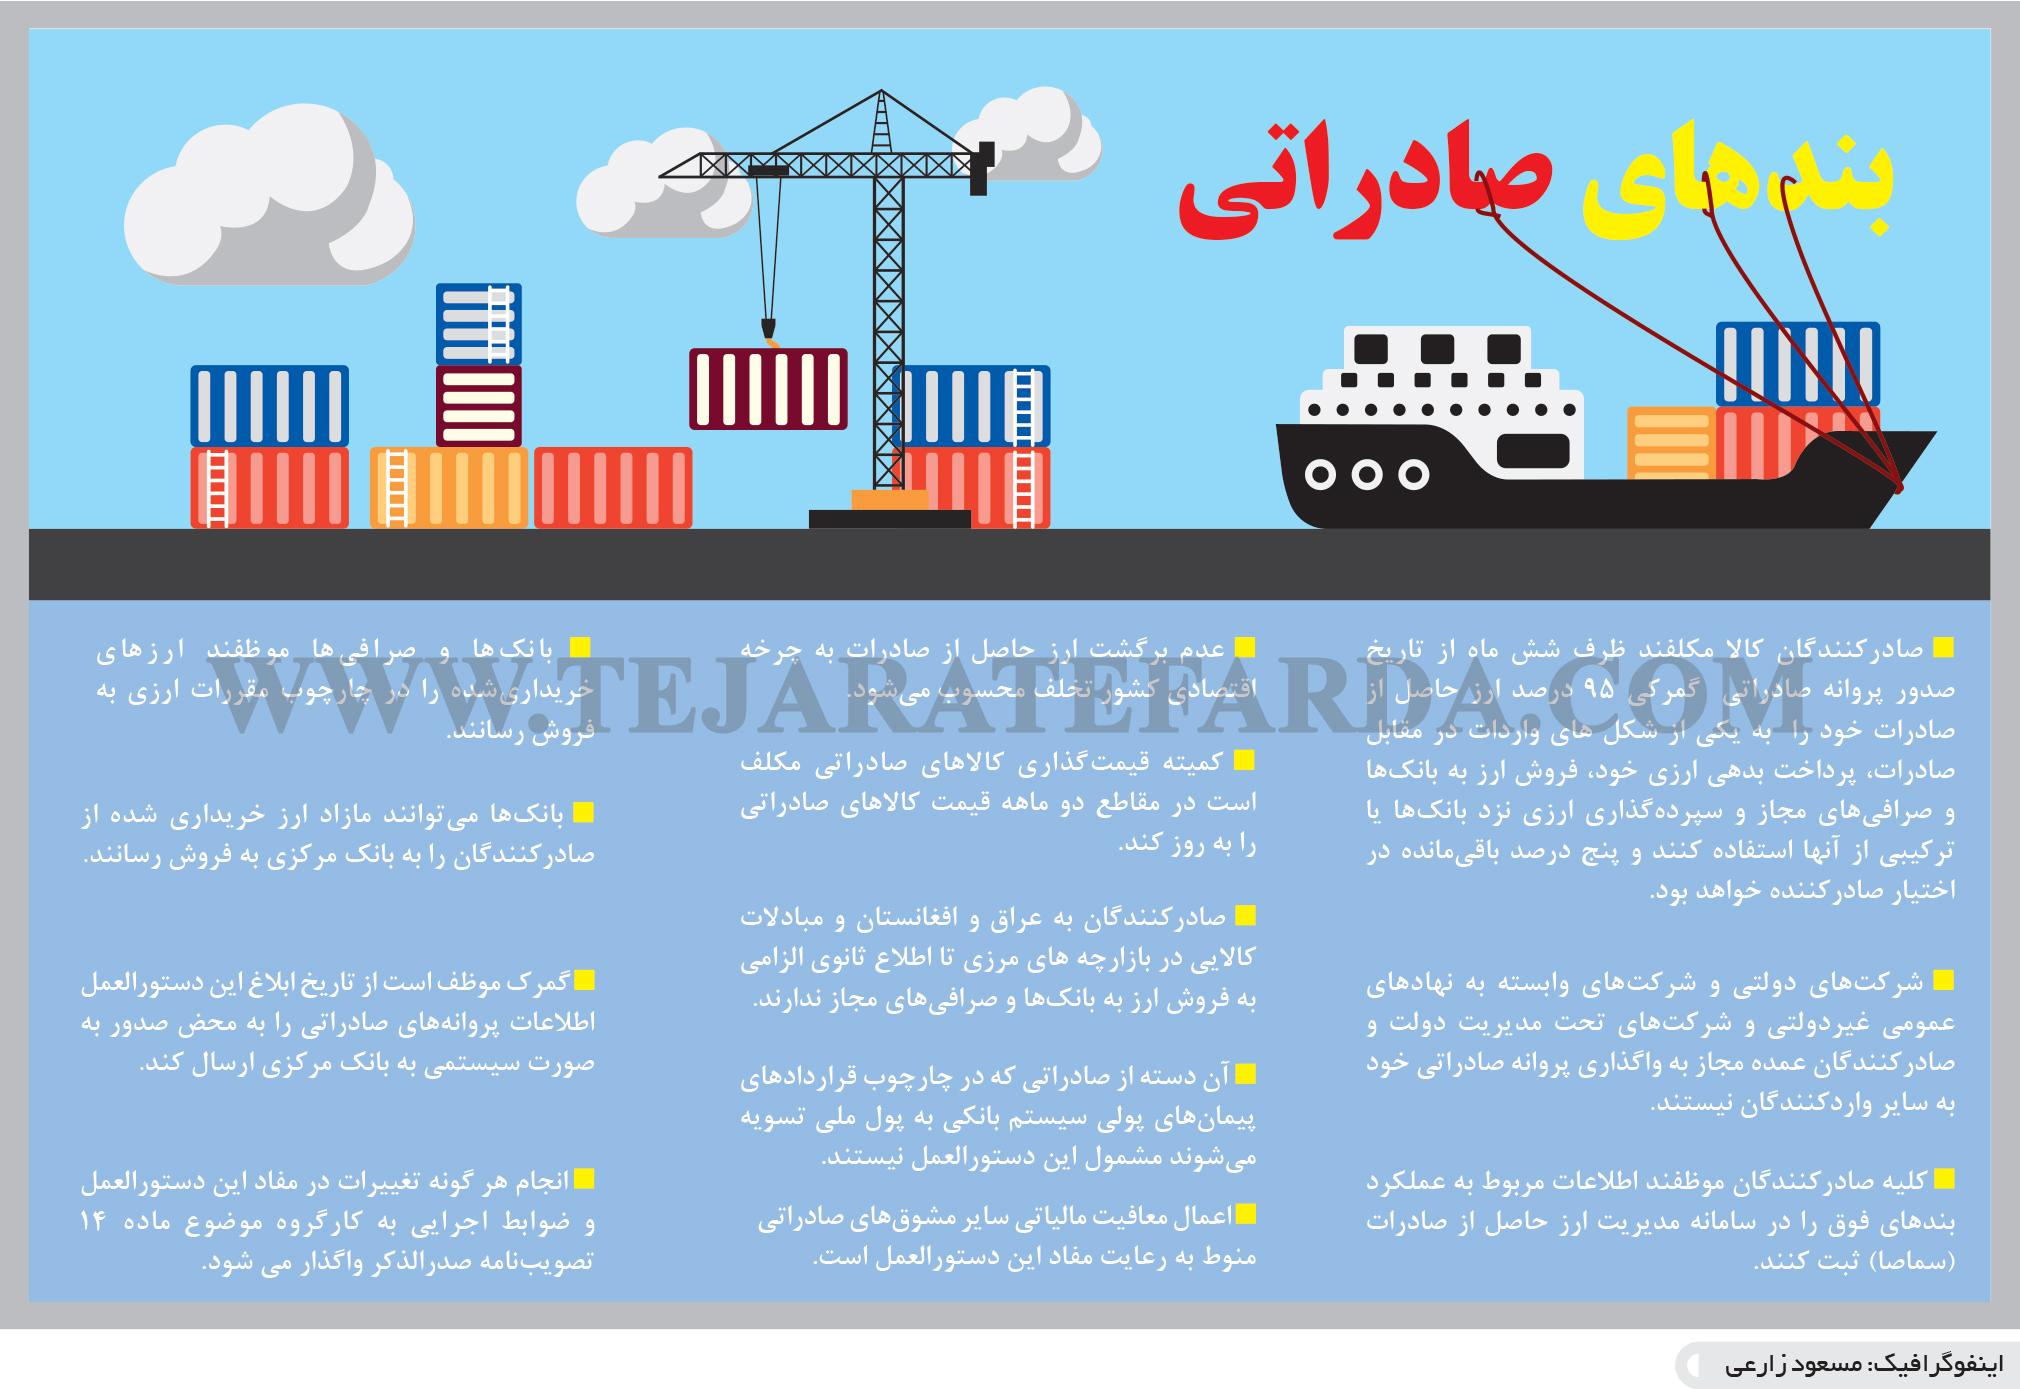 تجارت- فردا- بندهای صادراتی(اینفوگرافیک)